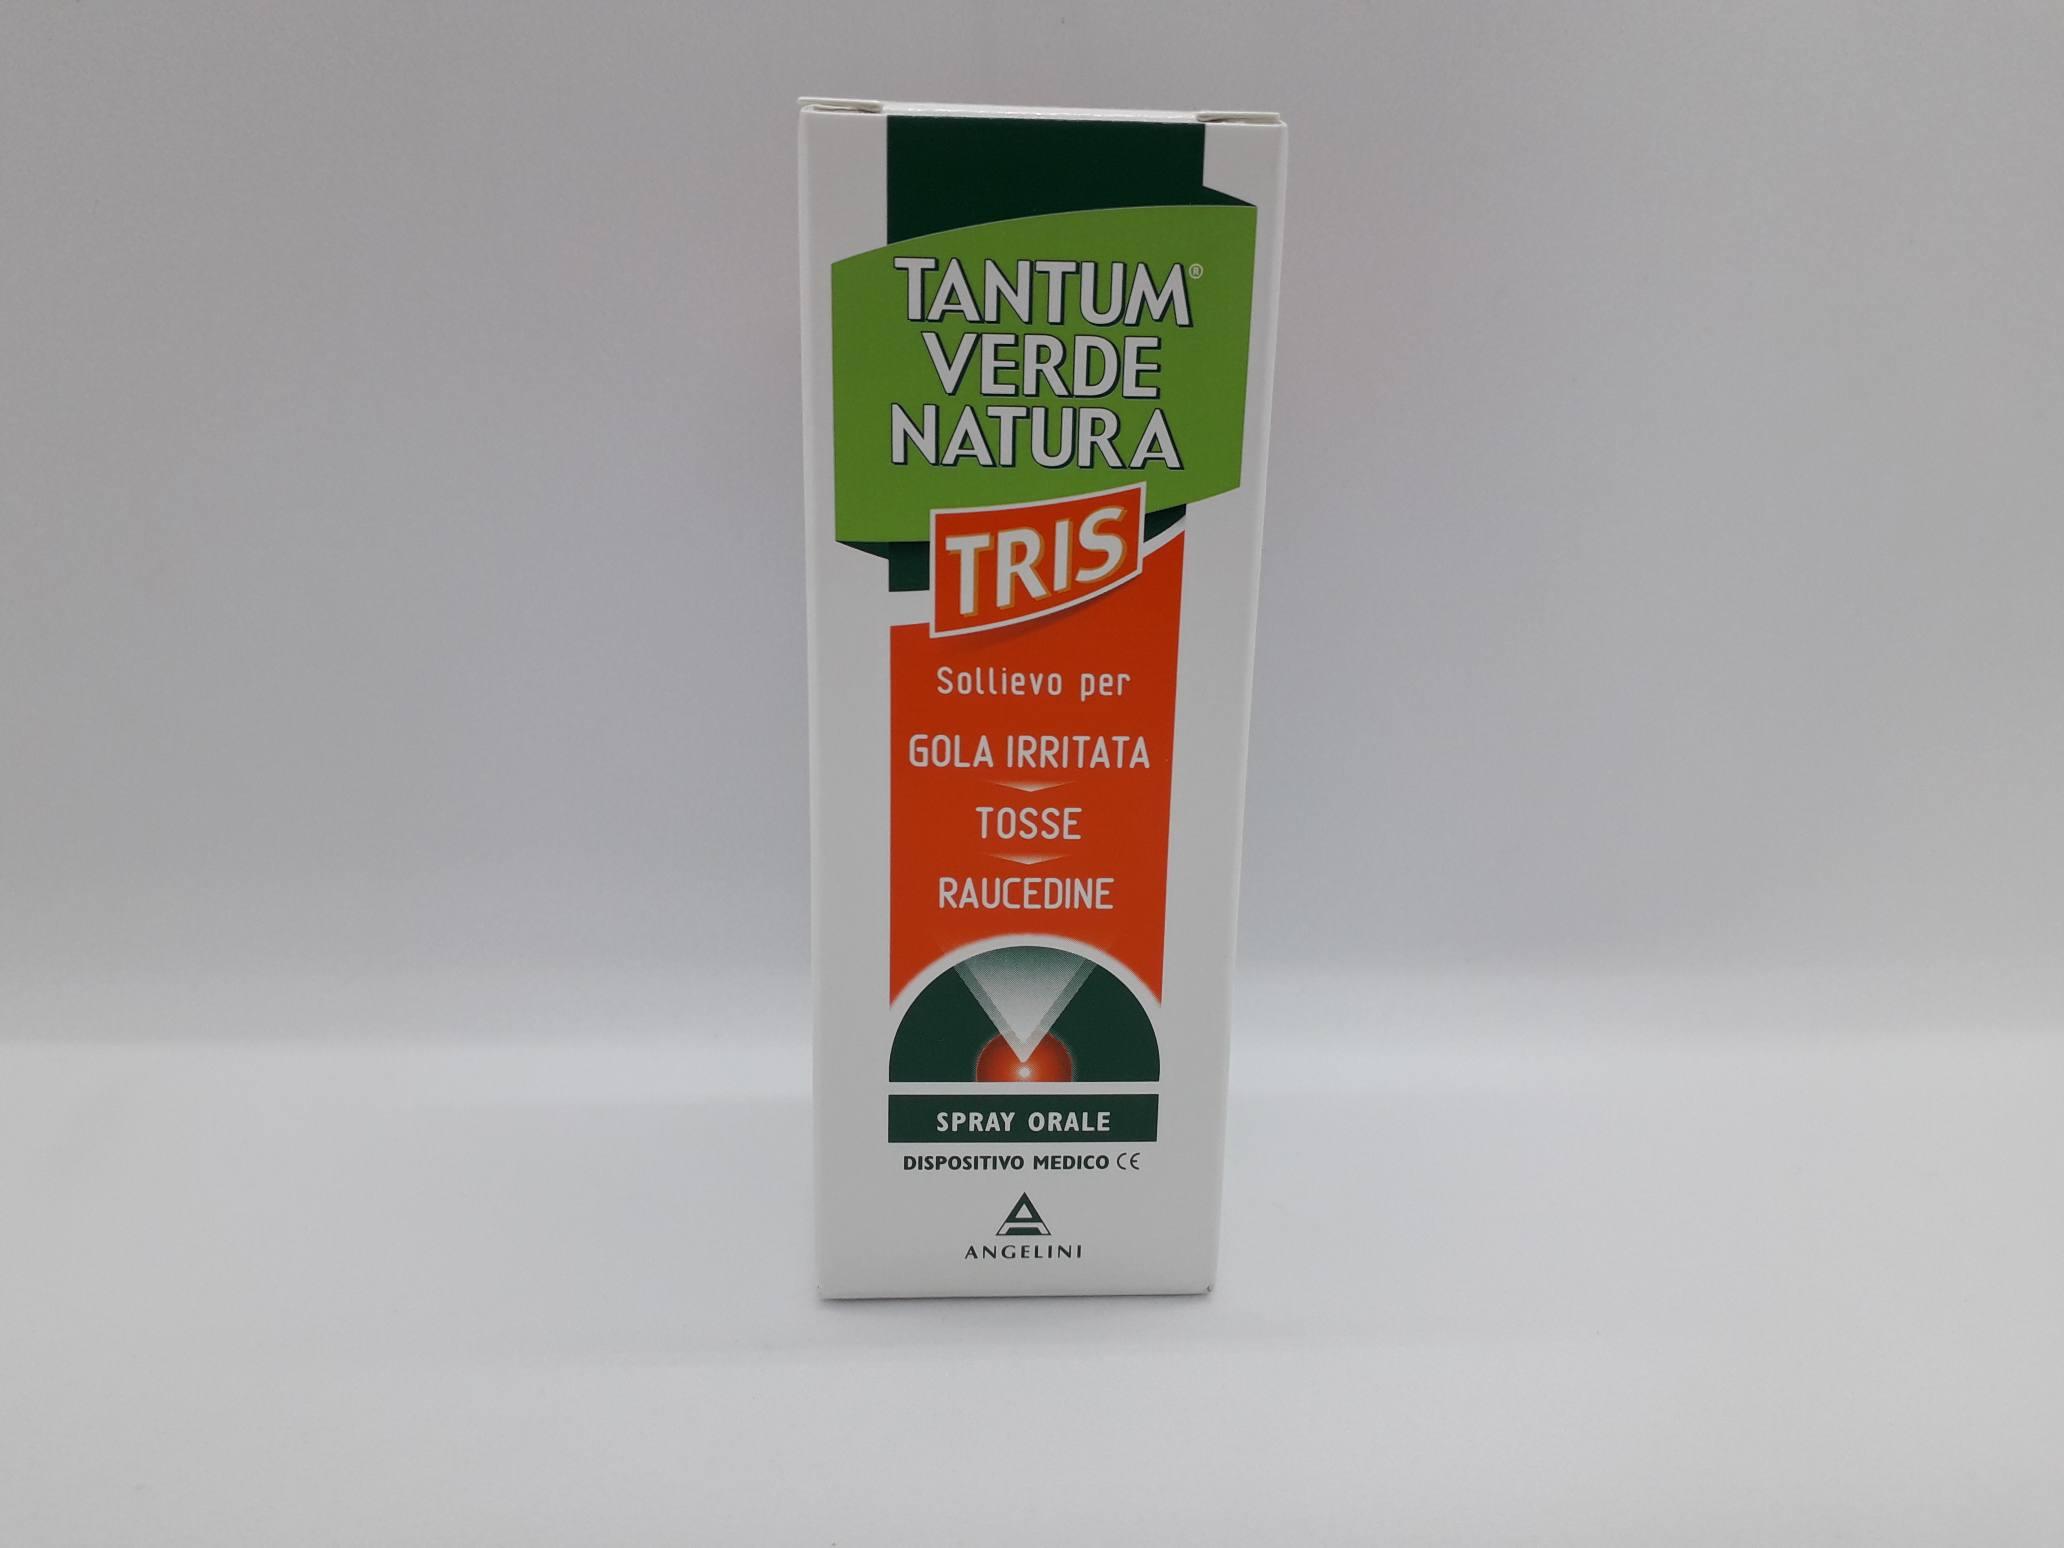 TANTUM VERDE NATURA TRIS NEBULIZZAZIONE 15 ML - Farmaciaempatica.it